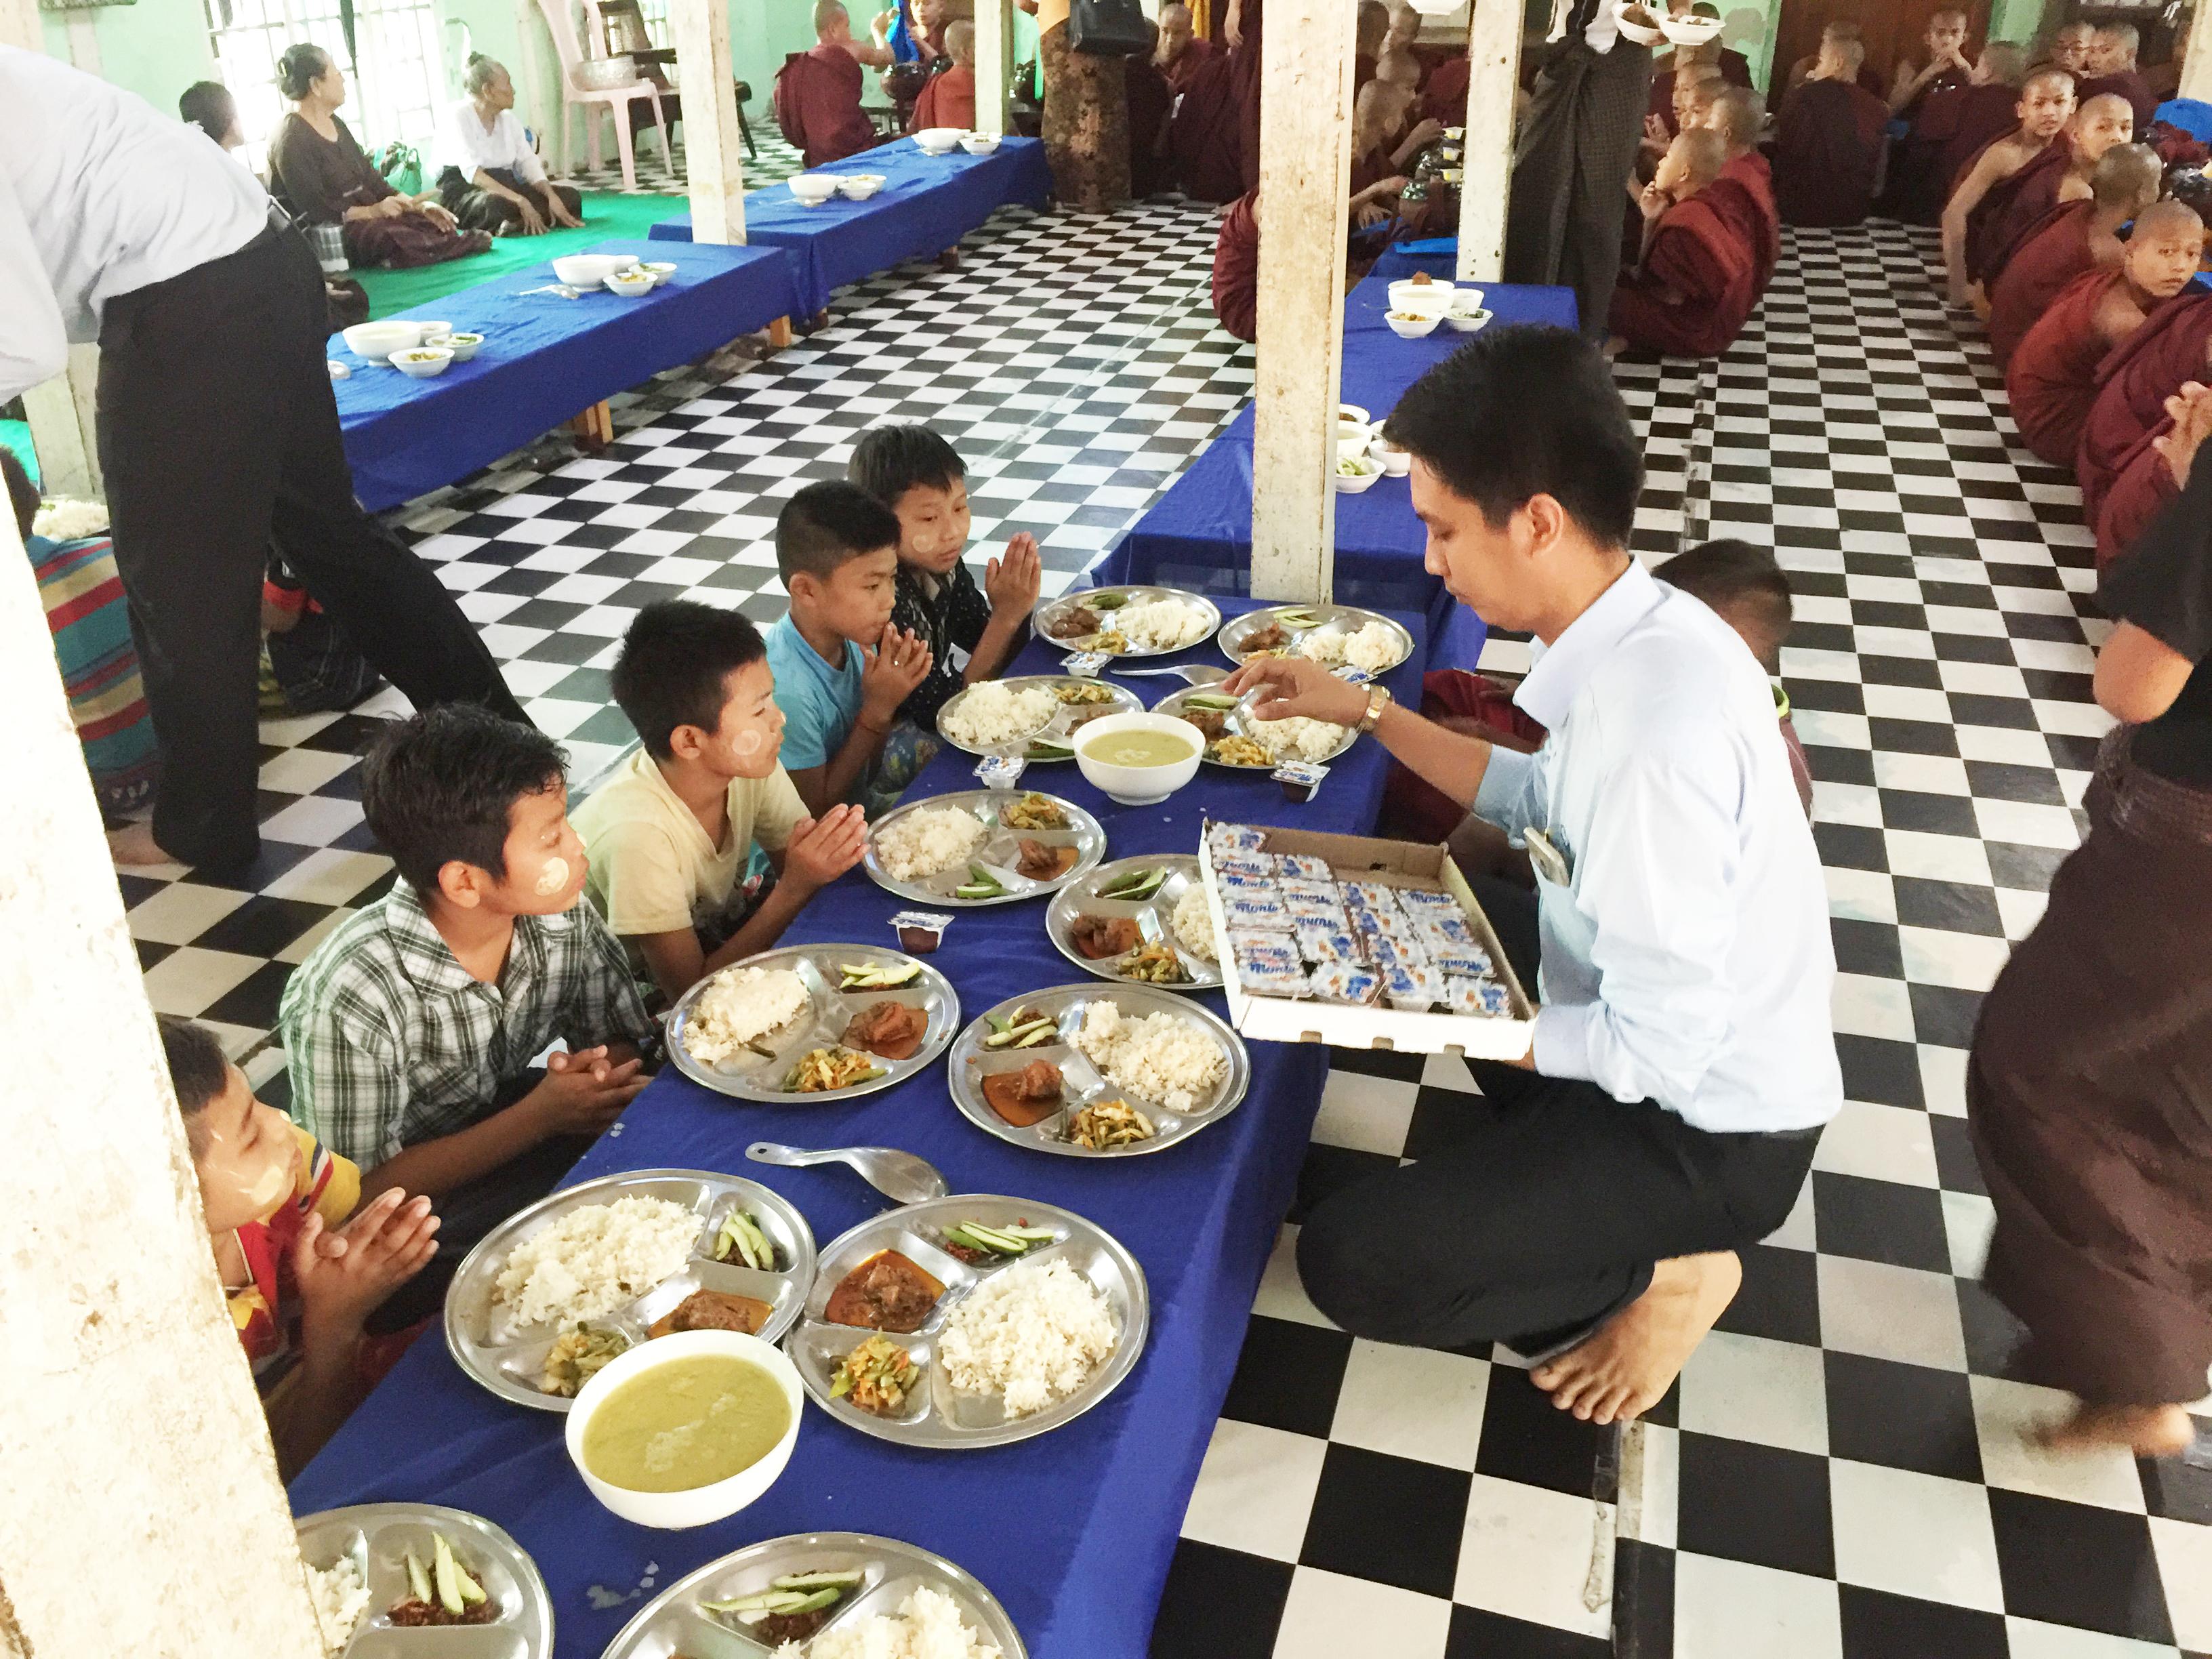 Văn phòng Myanmar thăm các em nhỏ mồ côi